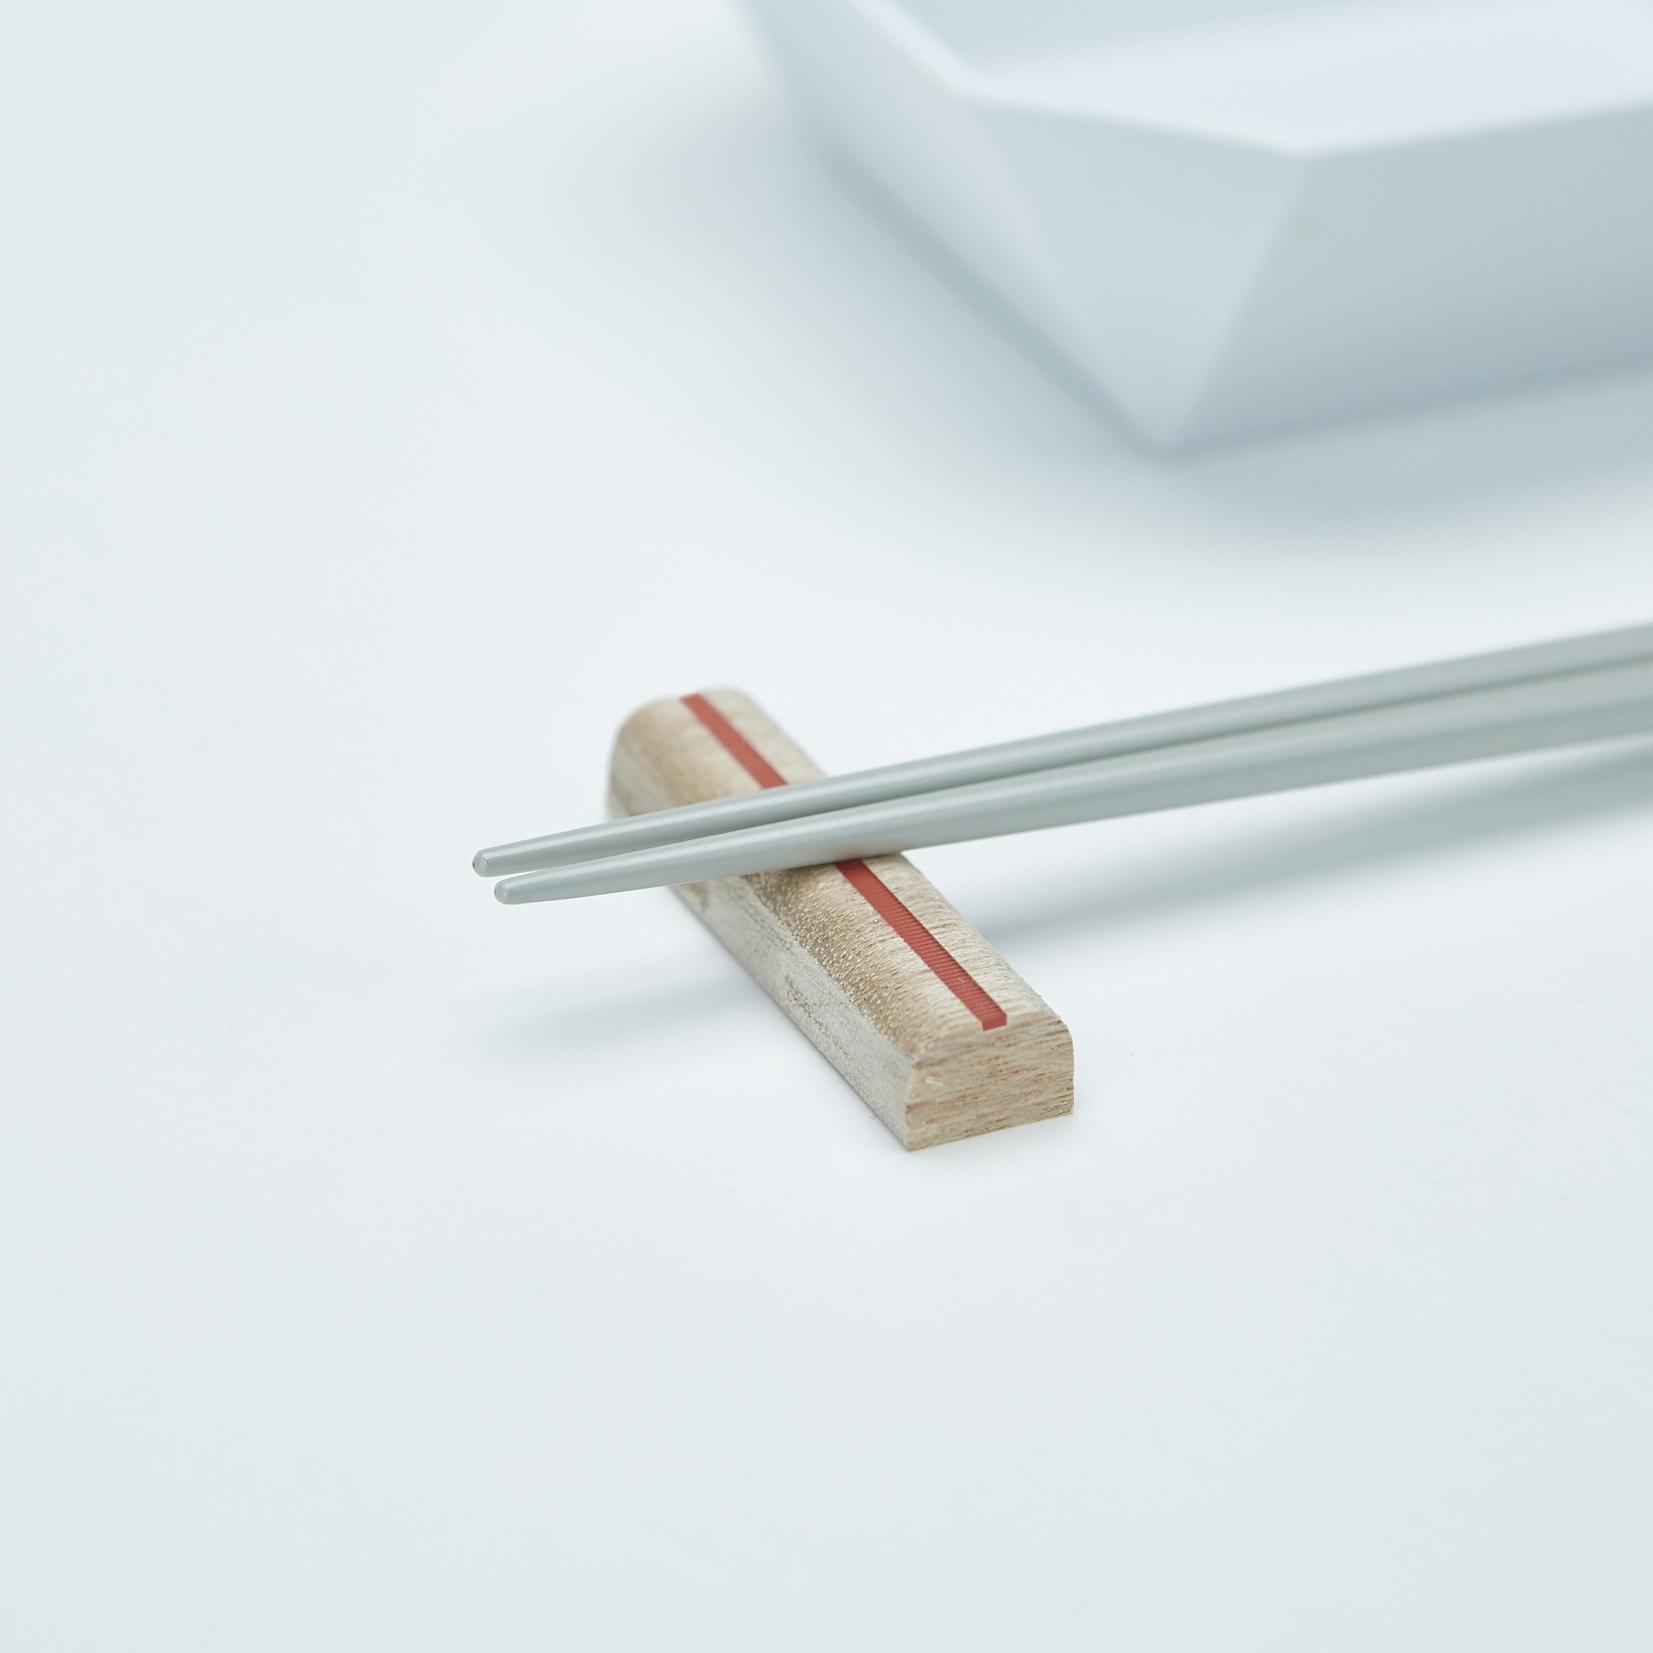 一本筋の通った箸置き。